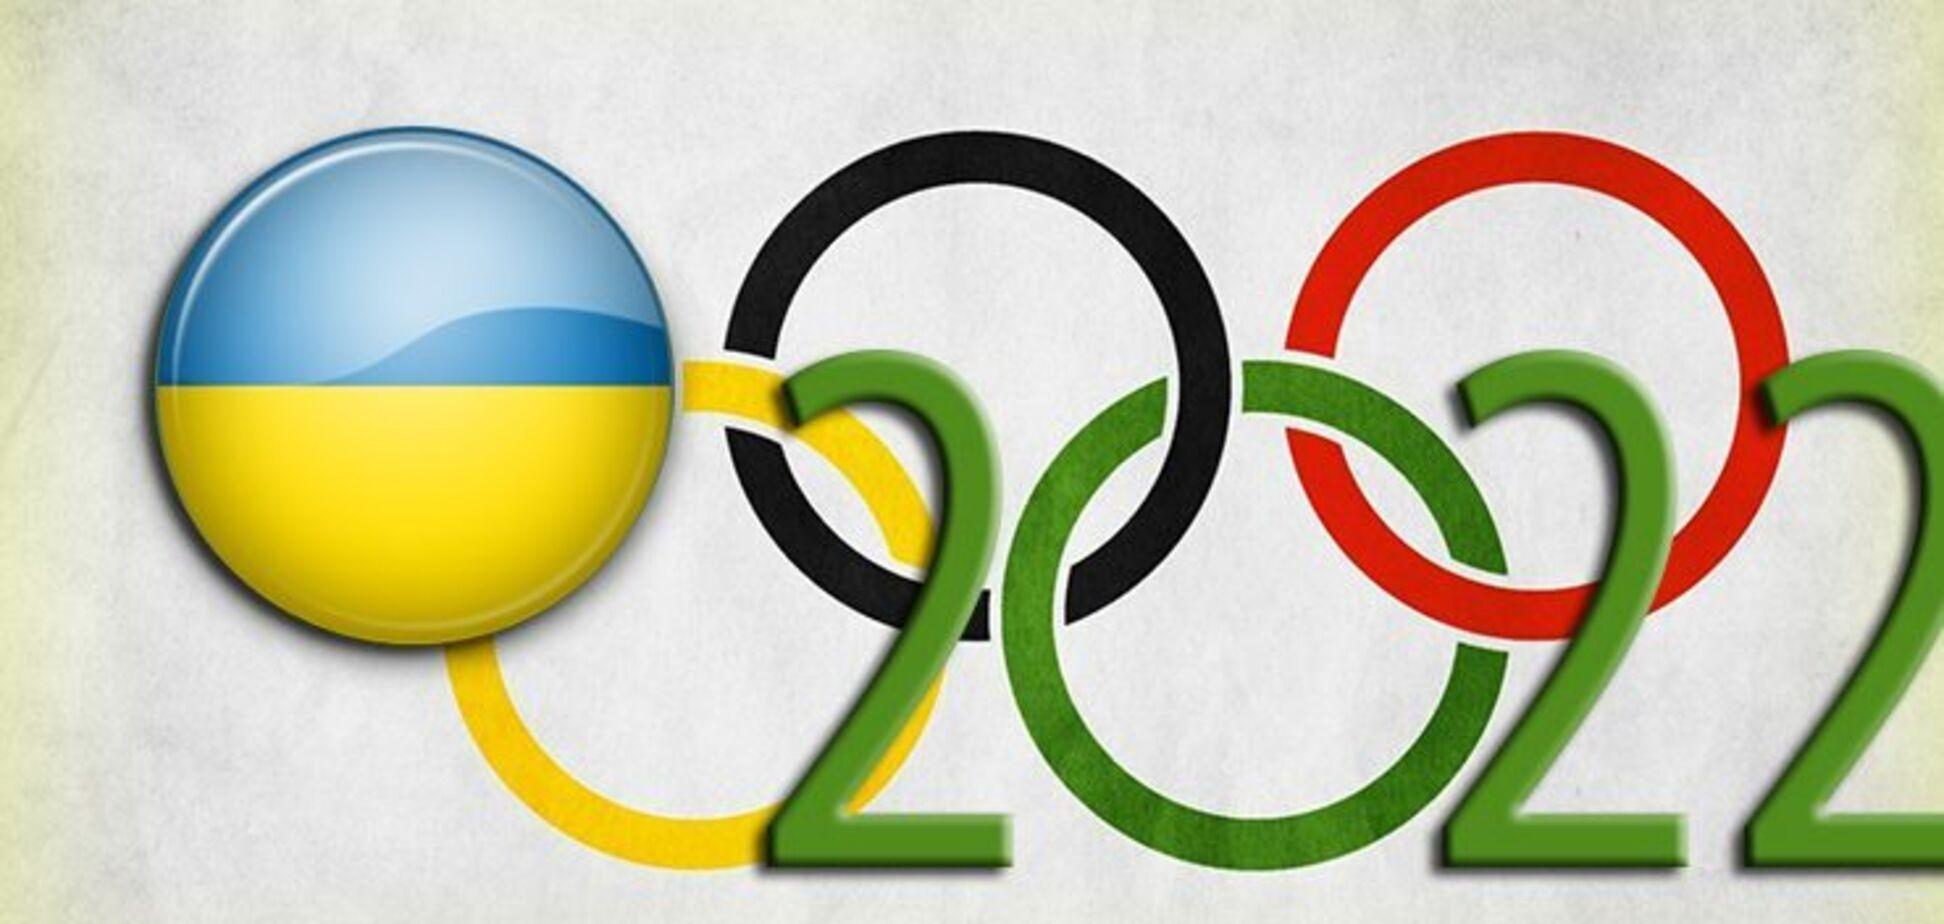 Проект 'Зимняя Олимпиада' – реанимированная мечта Януковича